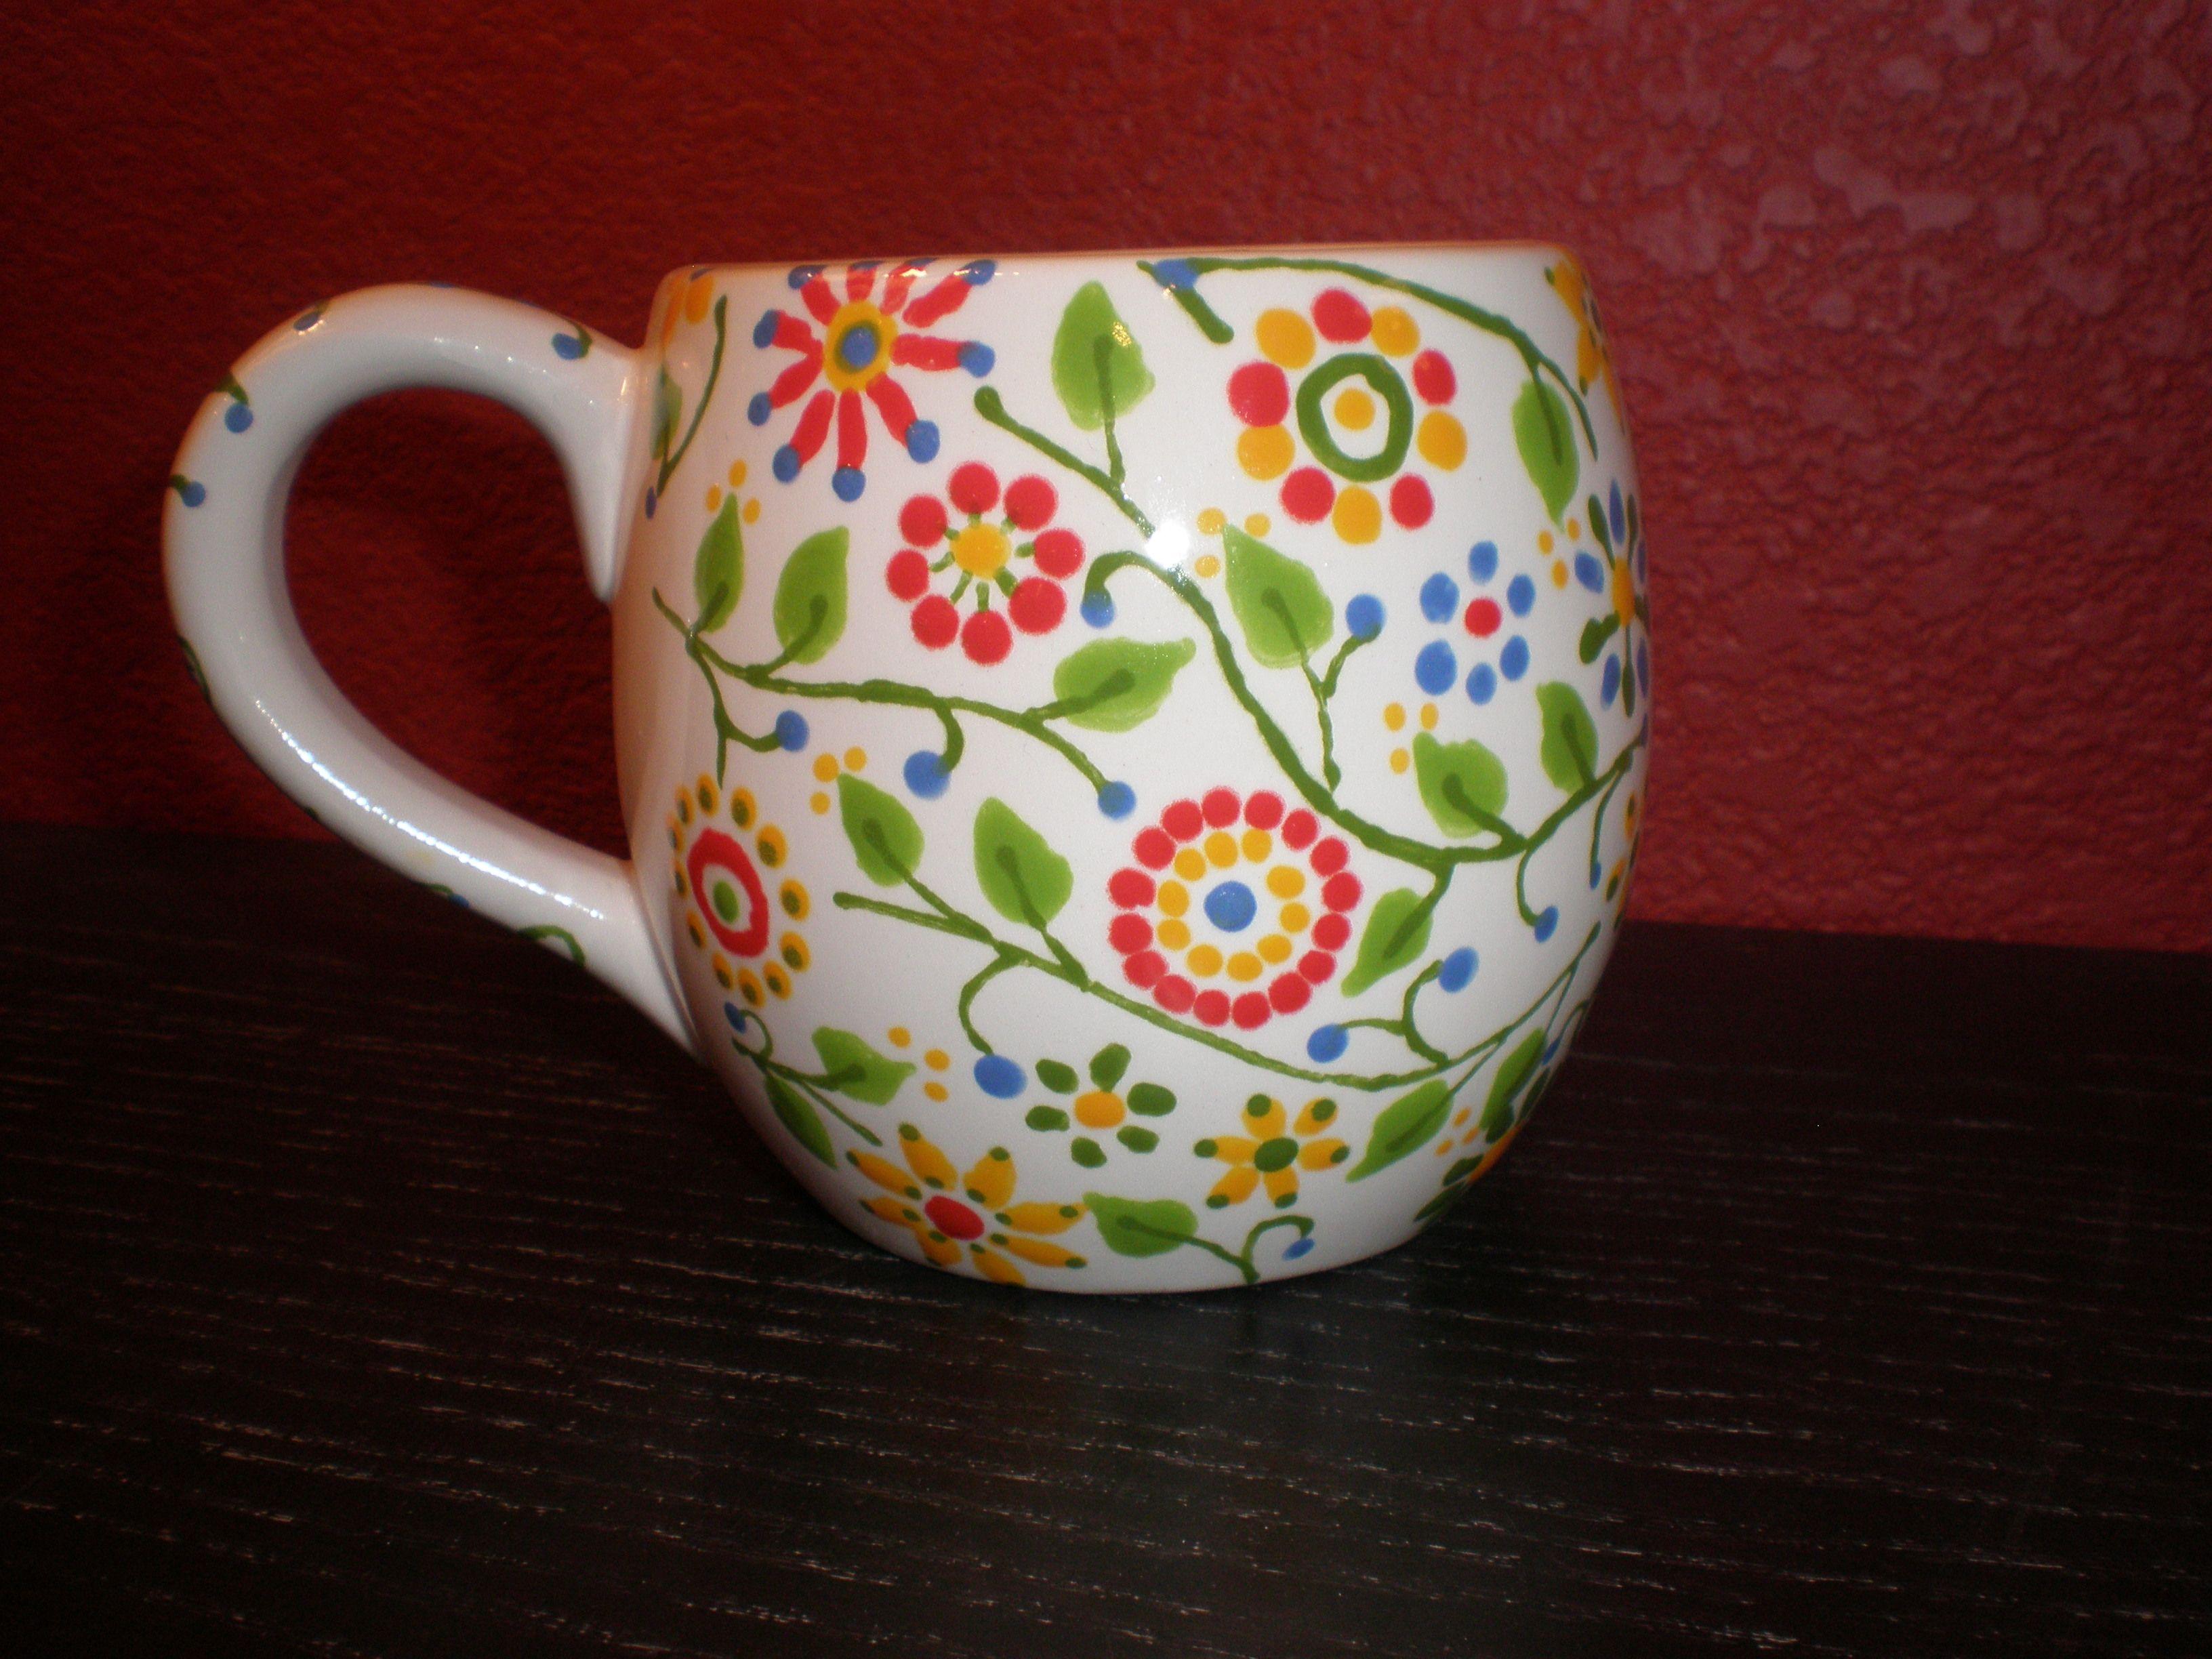 Glazy Dayz Paint Your Own Pottery Studio Glazy Dayz Pottery Painting Ceramics Pottery Mugs Porcelain Painting